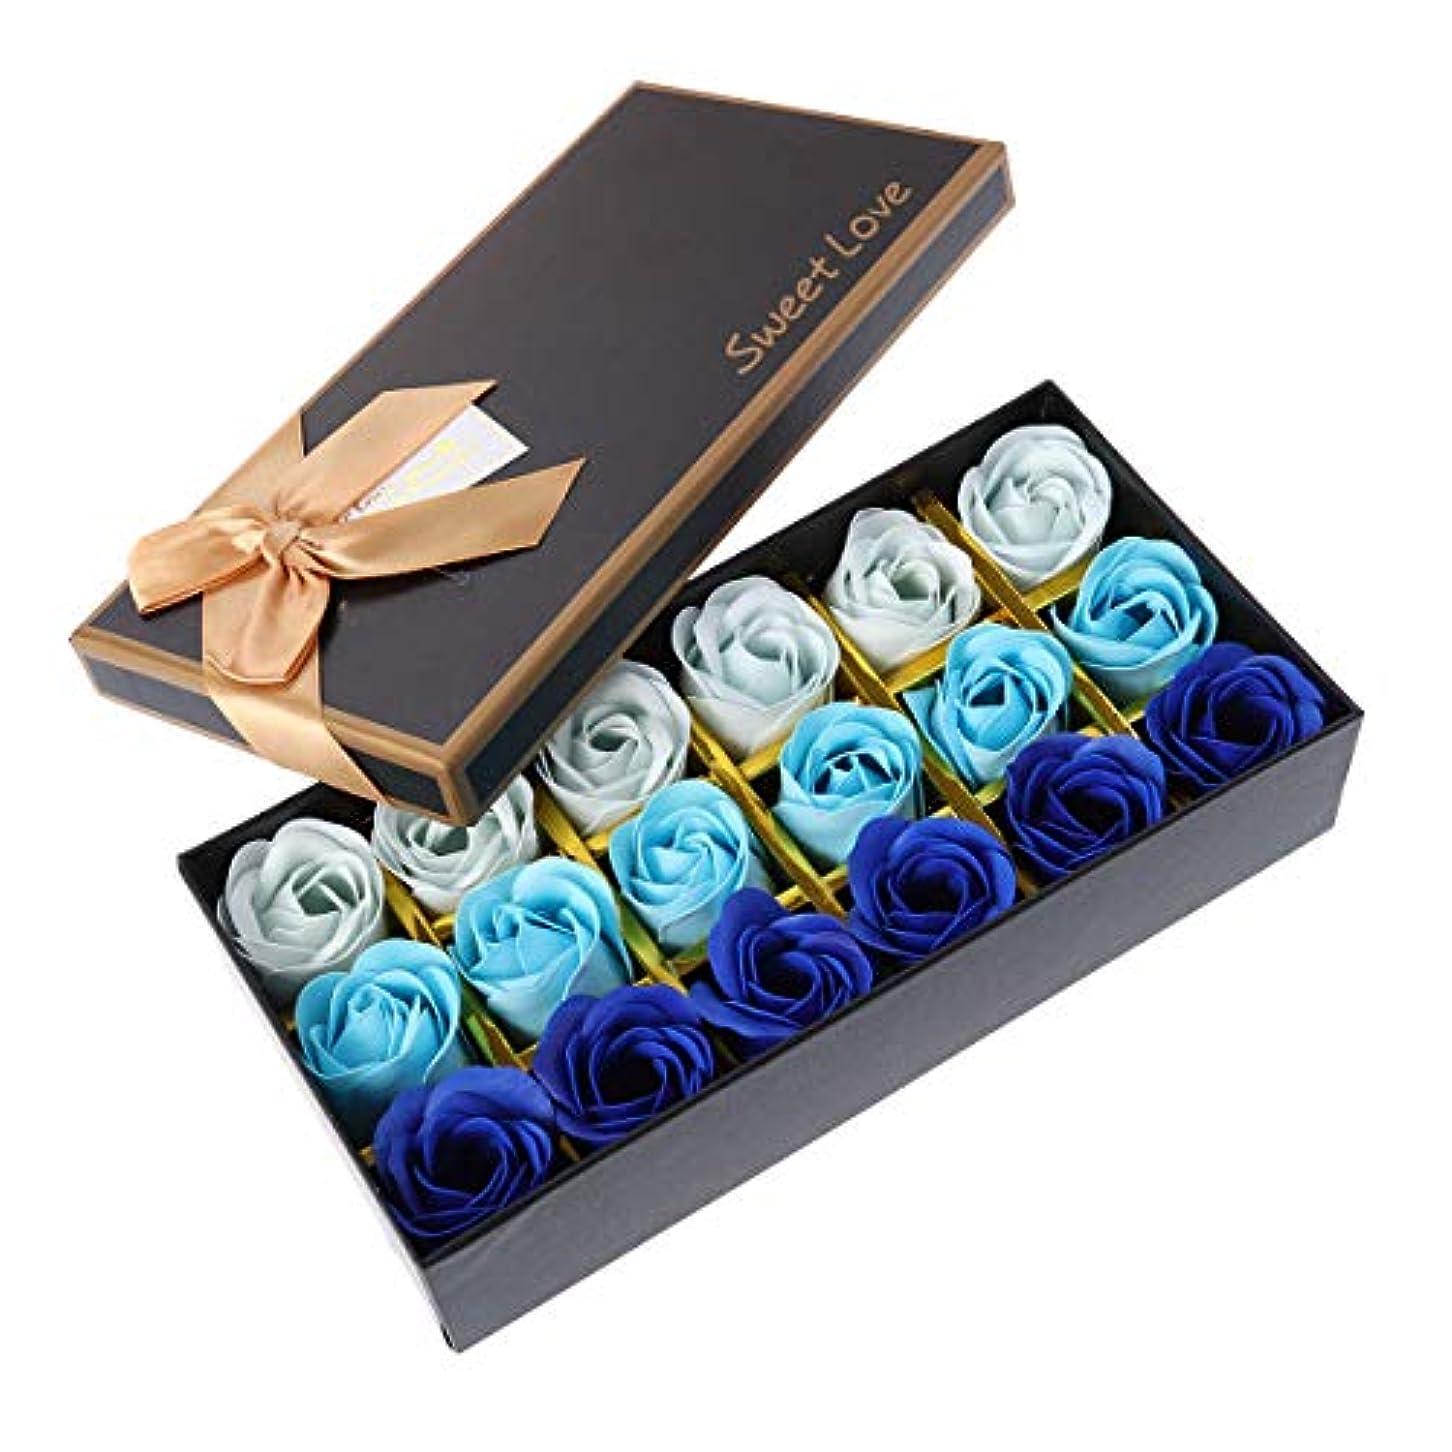 シーサイドモバイル矛盾Beaupretty バレンタインデーの結婚式の誕生日プレゼントのための小さなクマとバラの石鹸の花